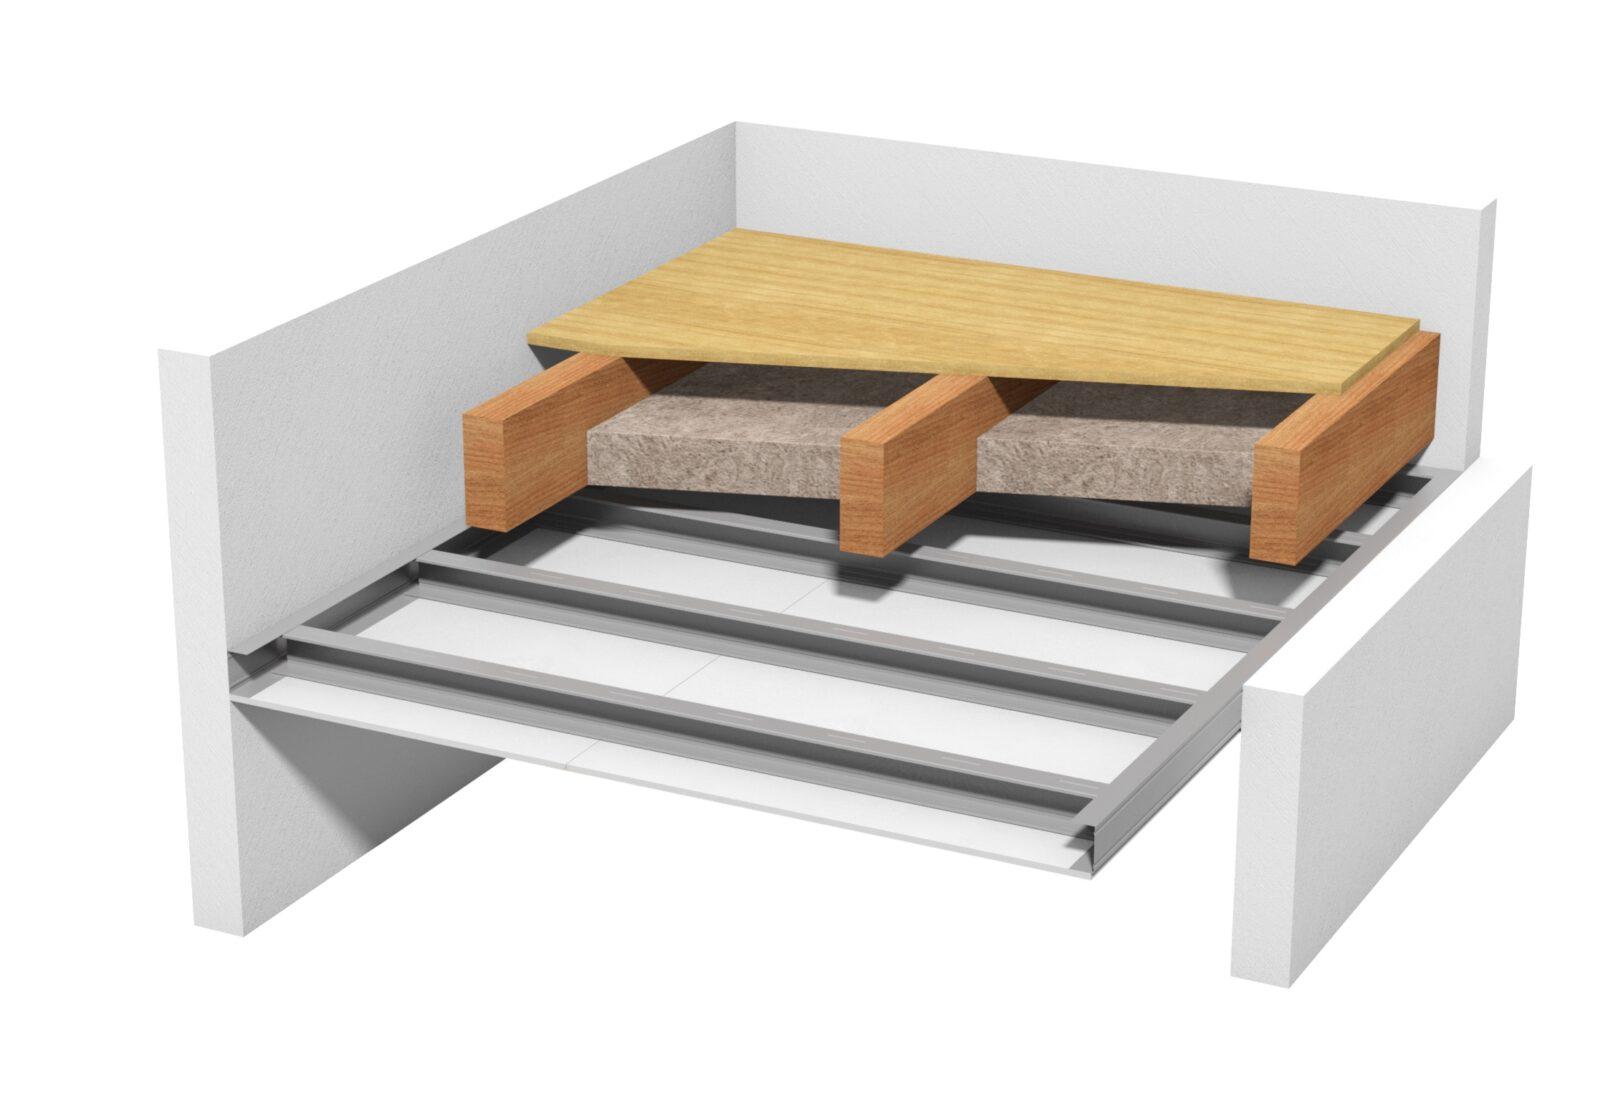 Freitragende Unterdecke unter einer Holzbalkendecke mit Dämmstoffeinschub. Grafik: Knauf